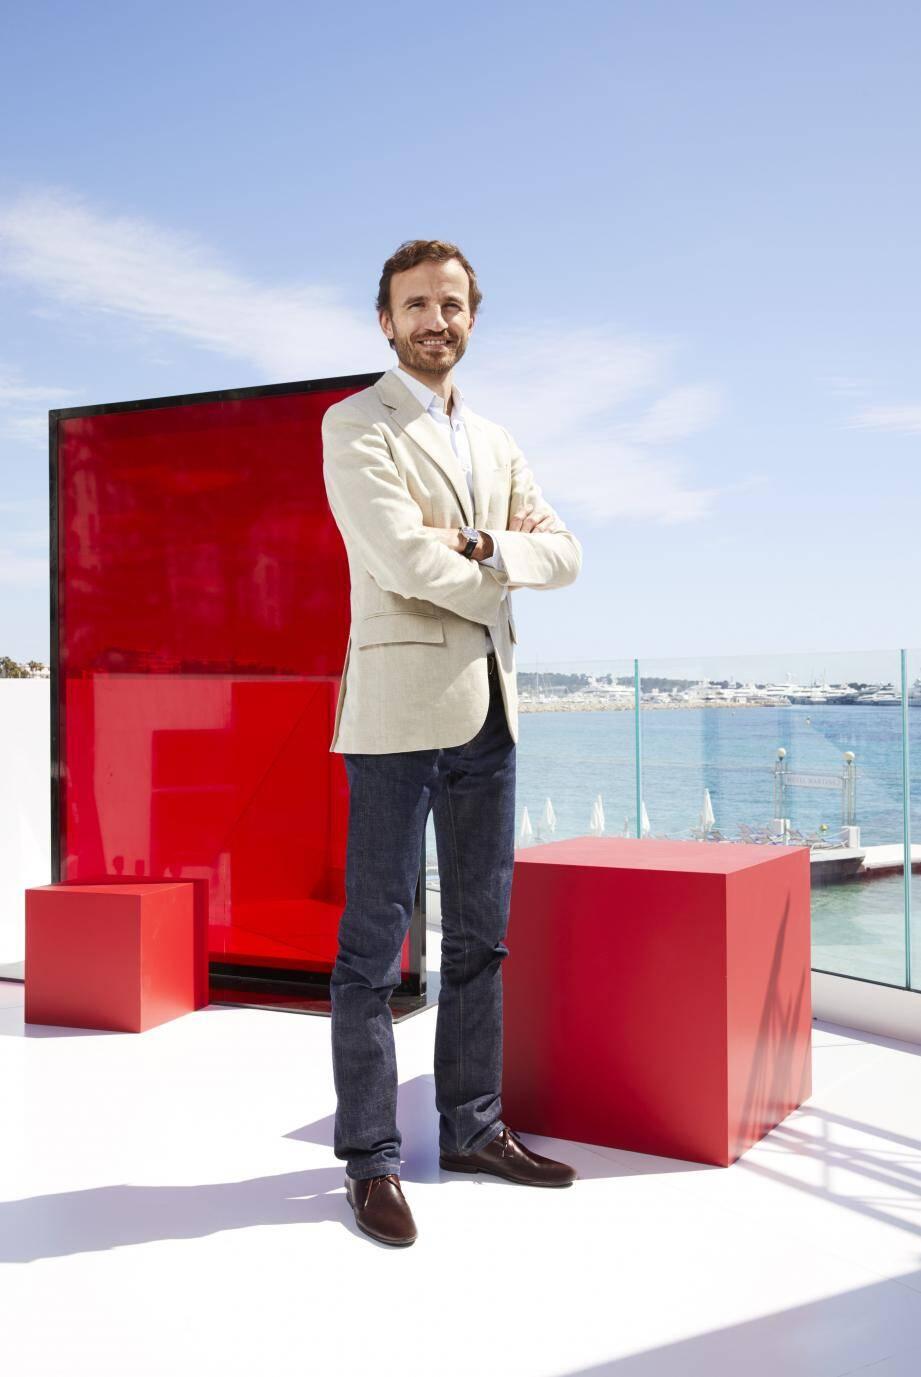 Selon le directeur général monde de L'Oréal Paris, « Depuis trois ans, L'Oréal Paris fait évoluer sa présence à Cannes avec des activations tournées vers davantage d'engagement. Cette année, le Worth It Stairs est ouvert au public. »(D.R.)